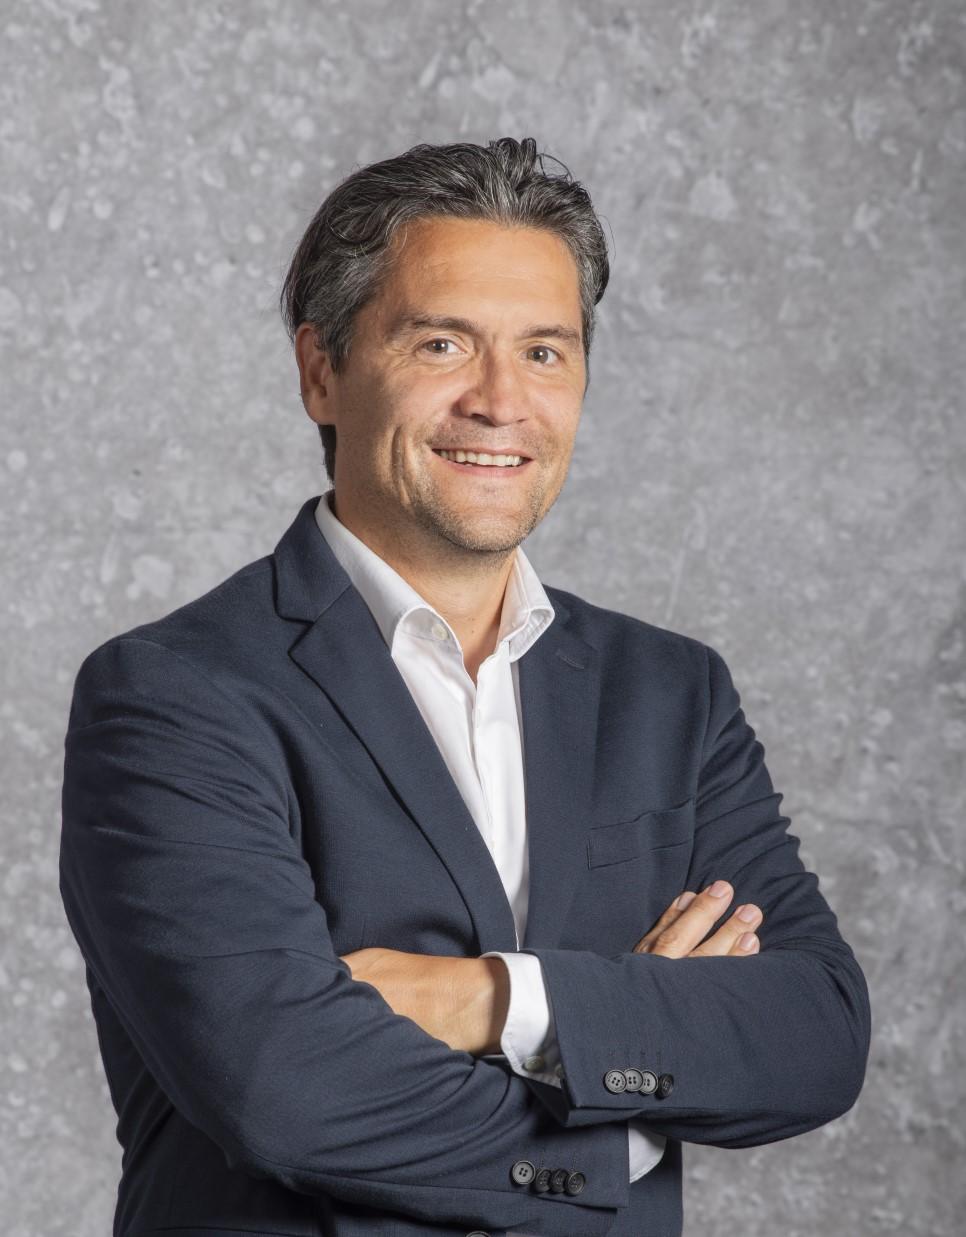 Gregoire Verdeaux PMI SVP External Affairs